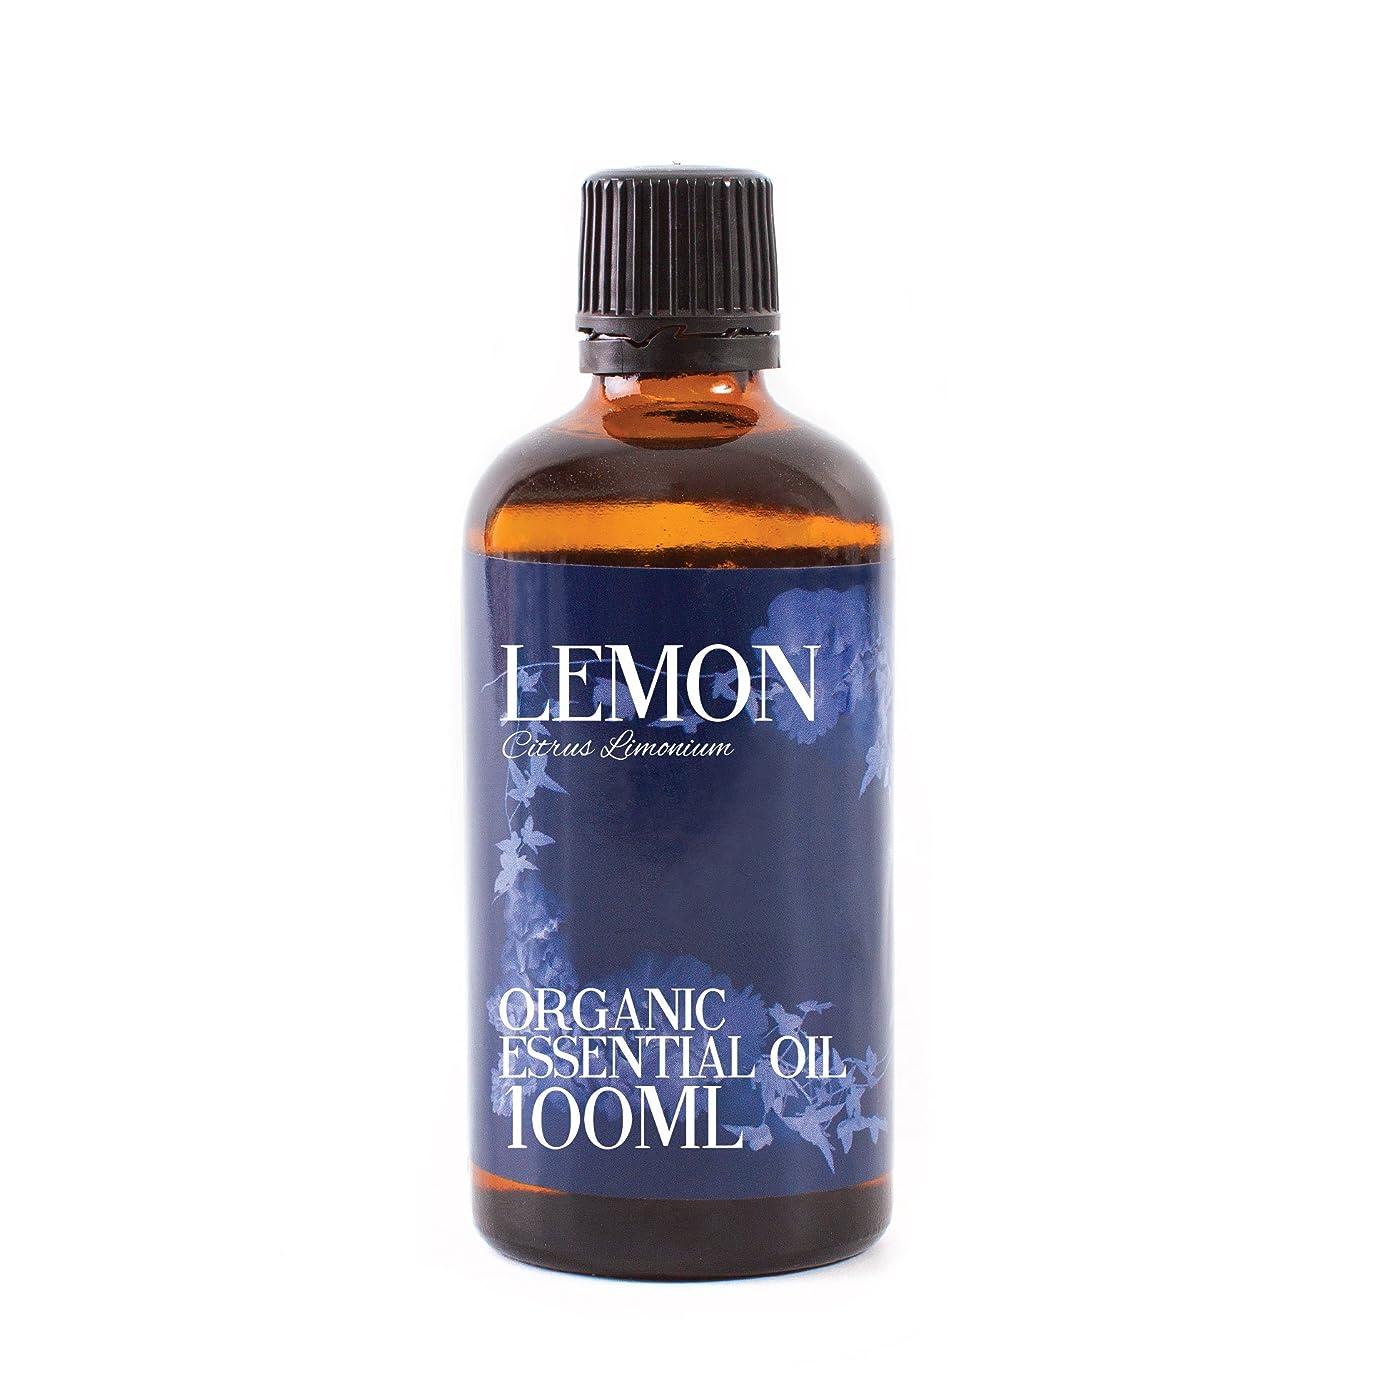 避けるアカデミックうるさいMystic Moments | Lemon Organic Essential Oil - 100ml - 100% Pure